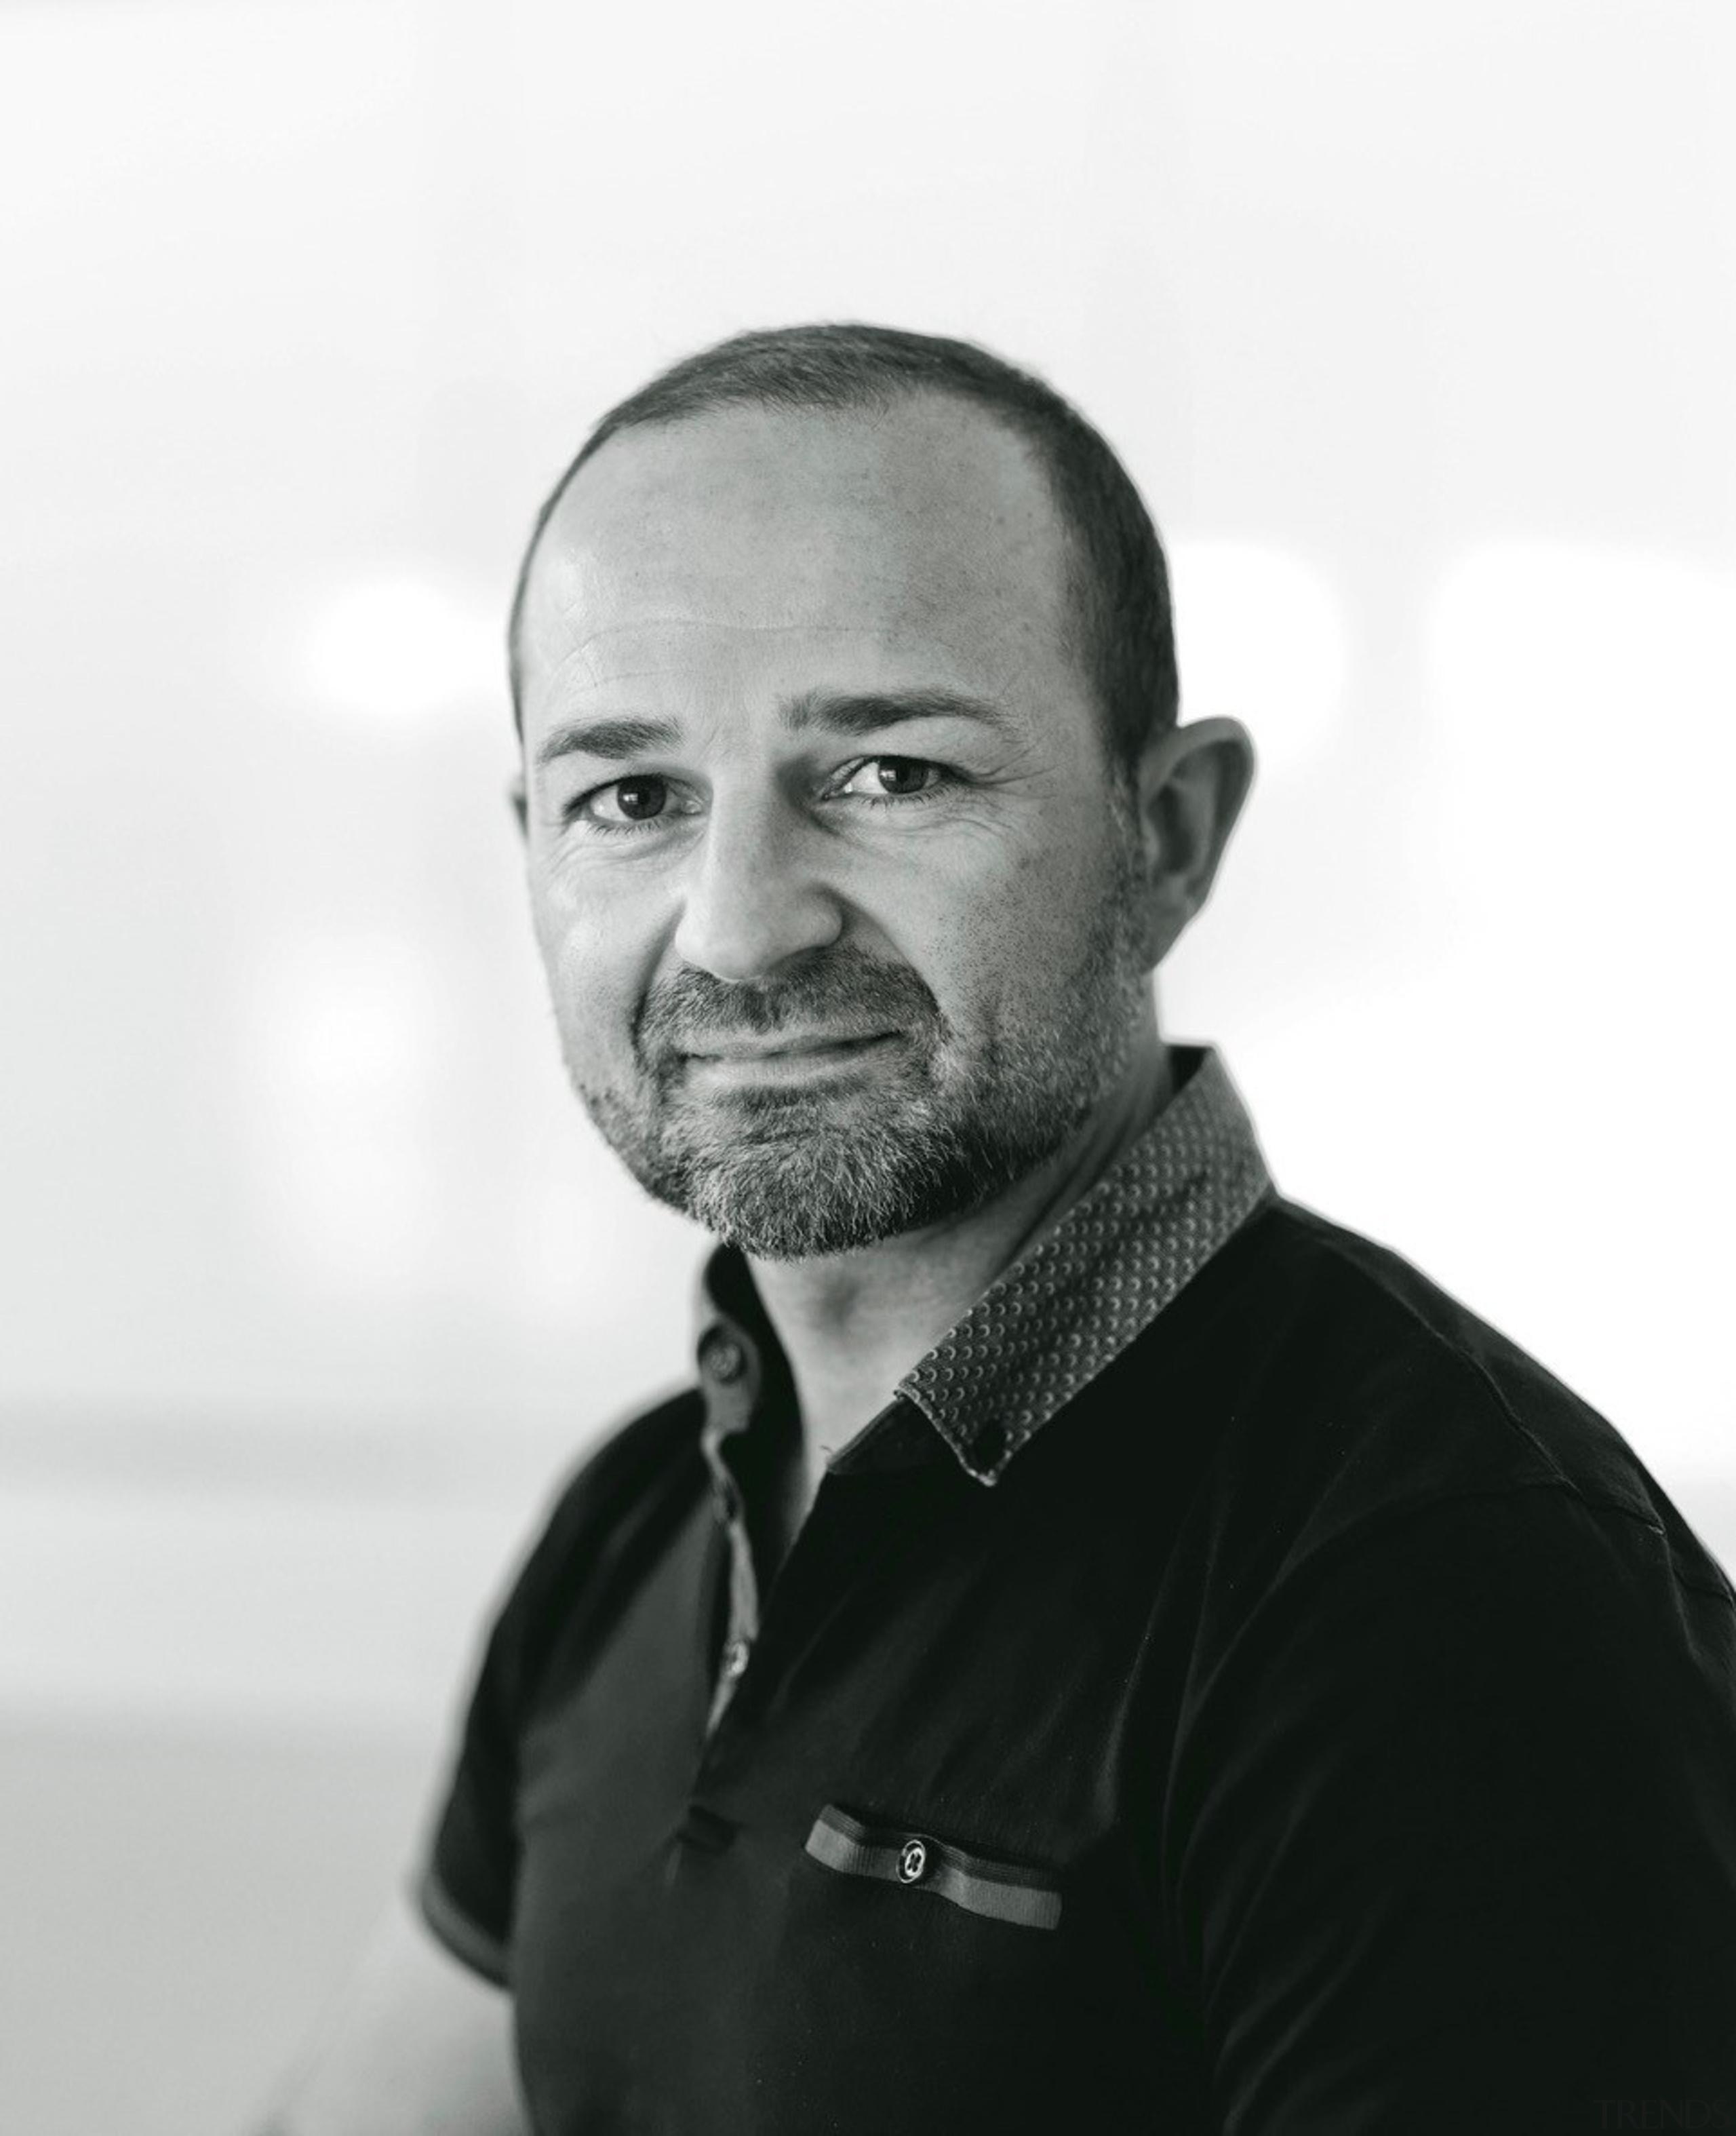 Damian Hannah of German Kitchens designer of UnserHaus white, black